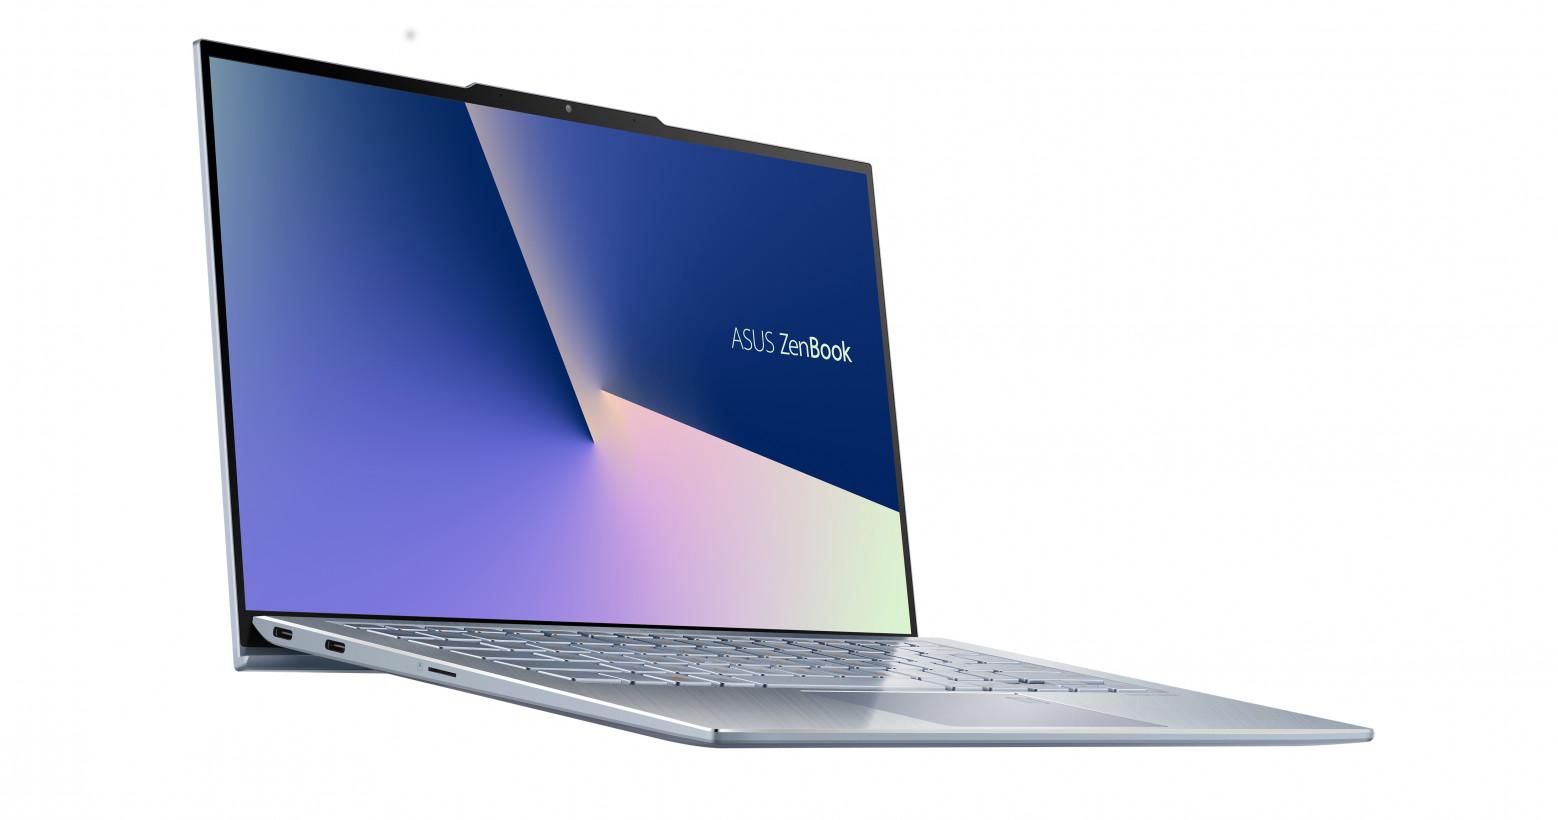 CES 2019  ASUS má notebook s najtenším rámčekom okolo displeja na svete 4d6265140f9